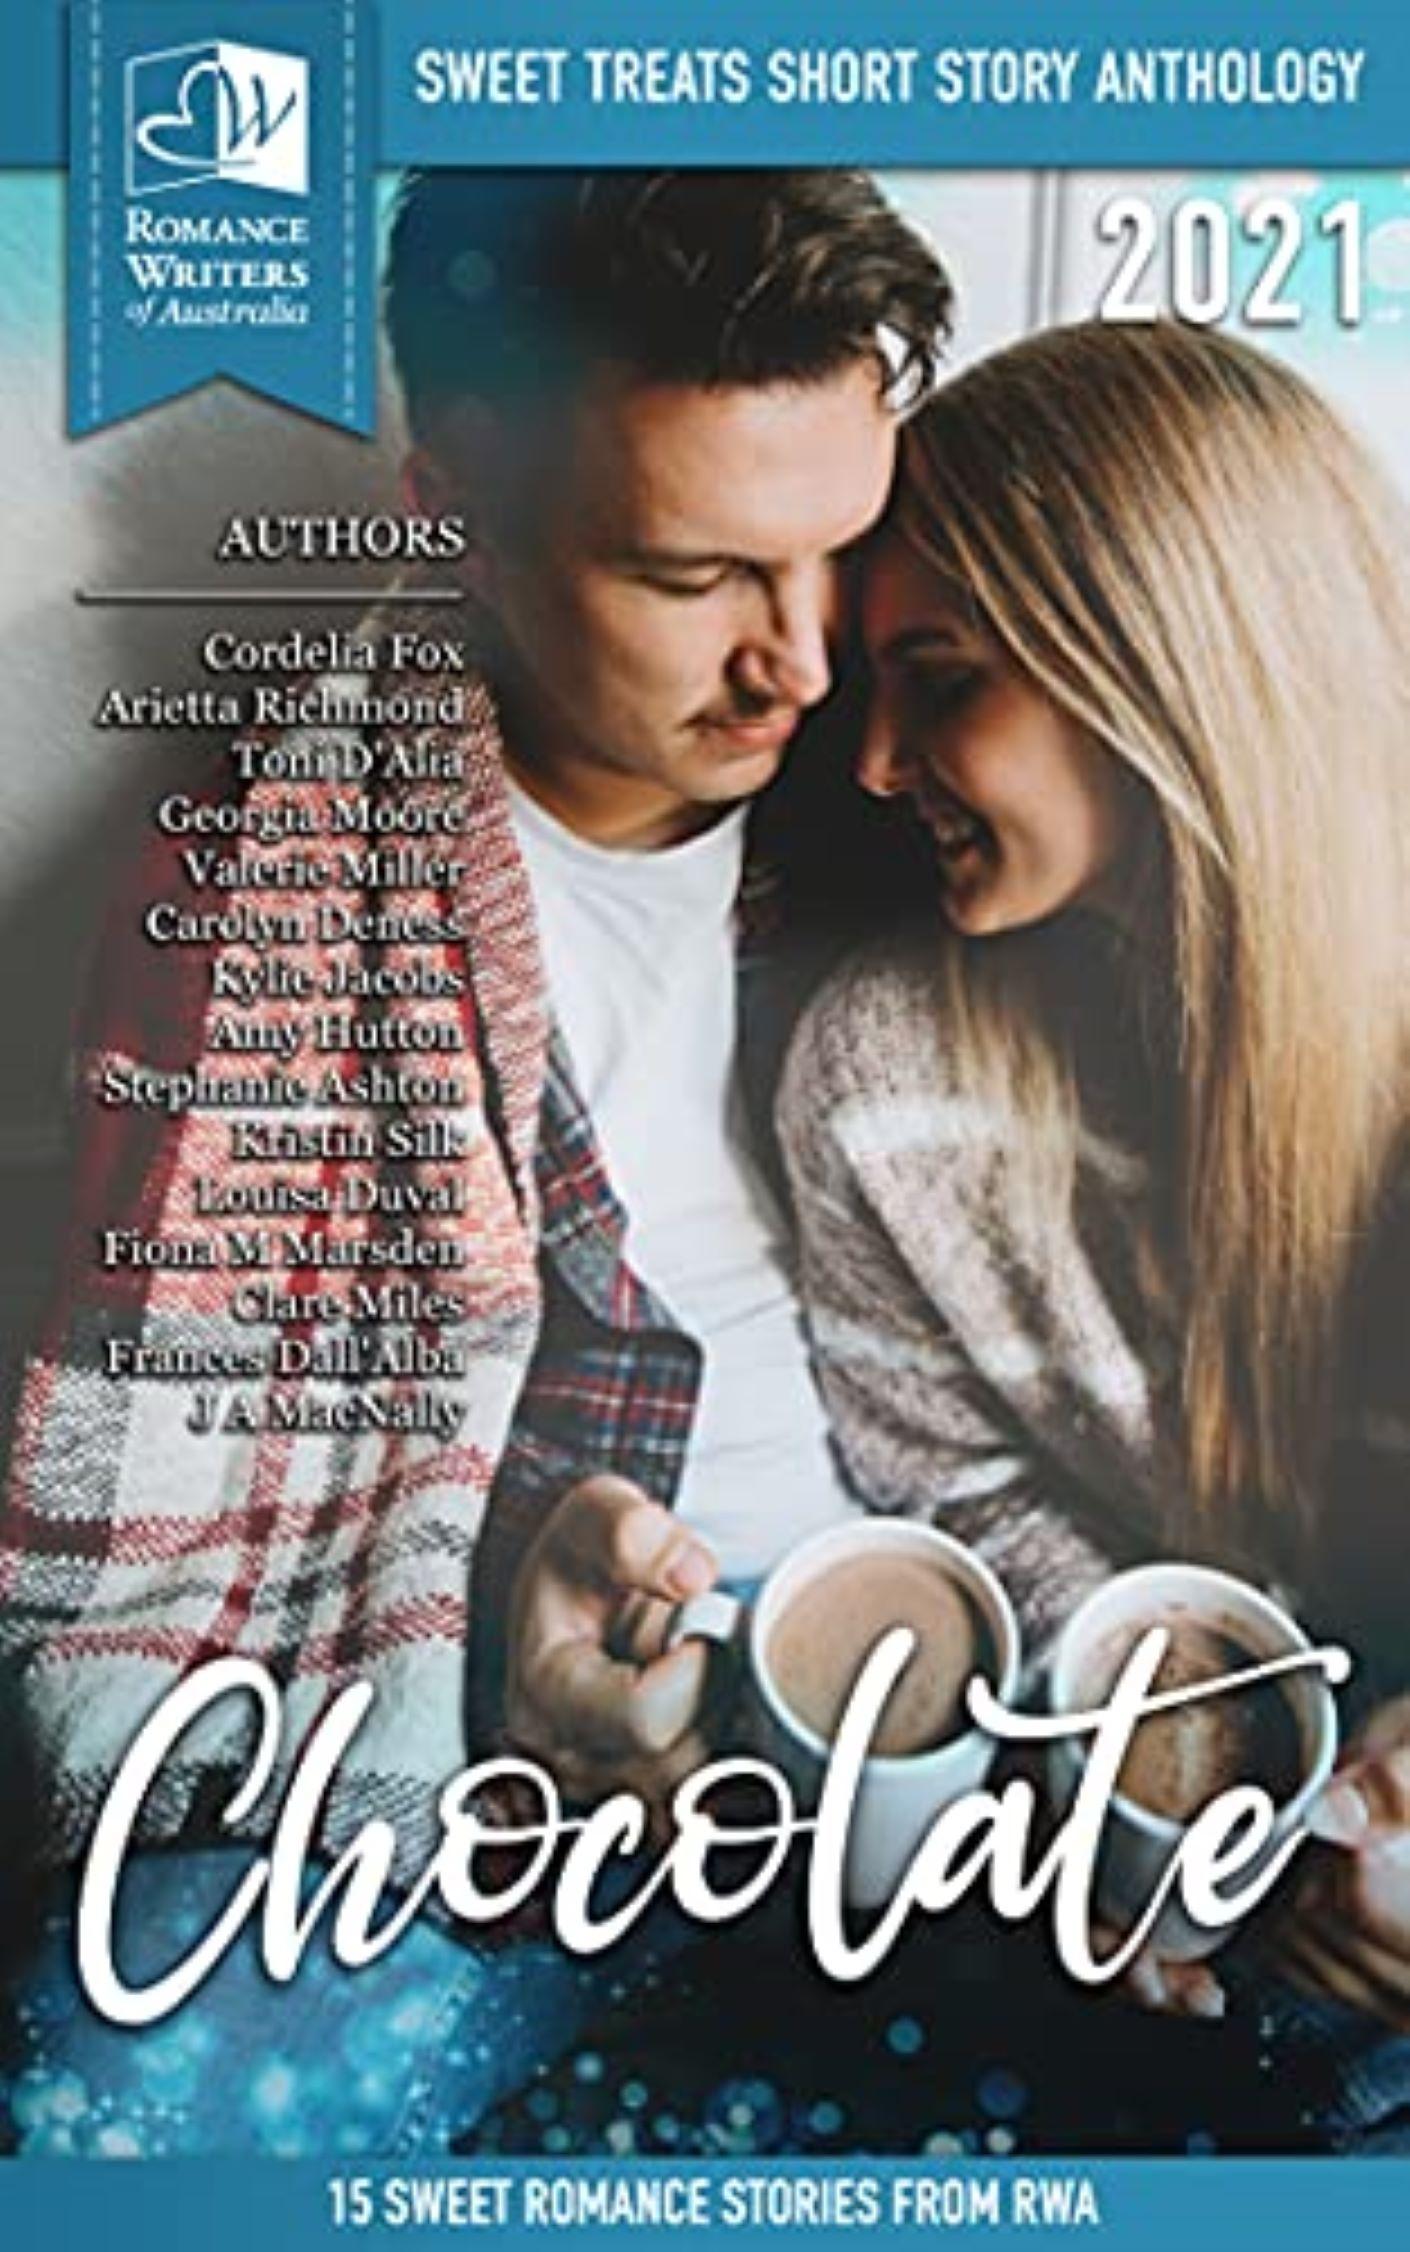 Sweet Treats Romance Writers of Australia Short Story Anthology 2021